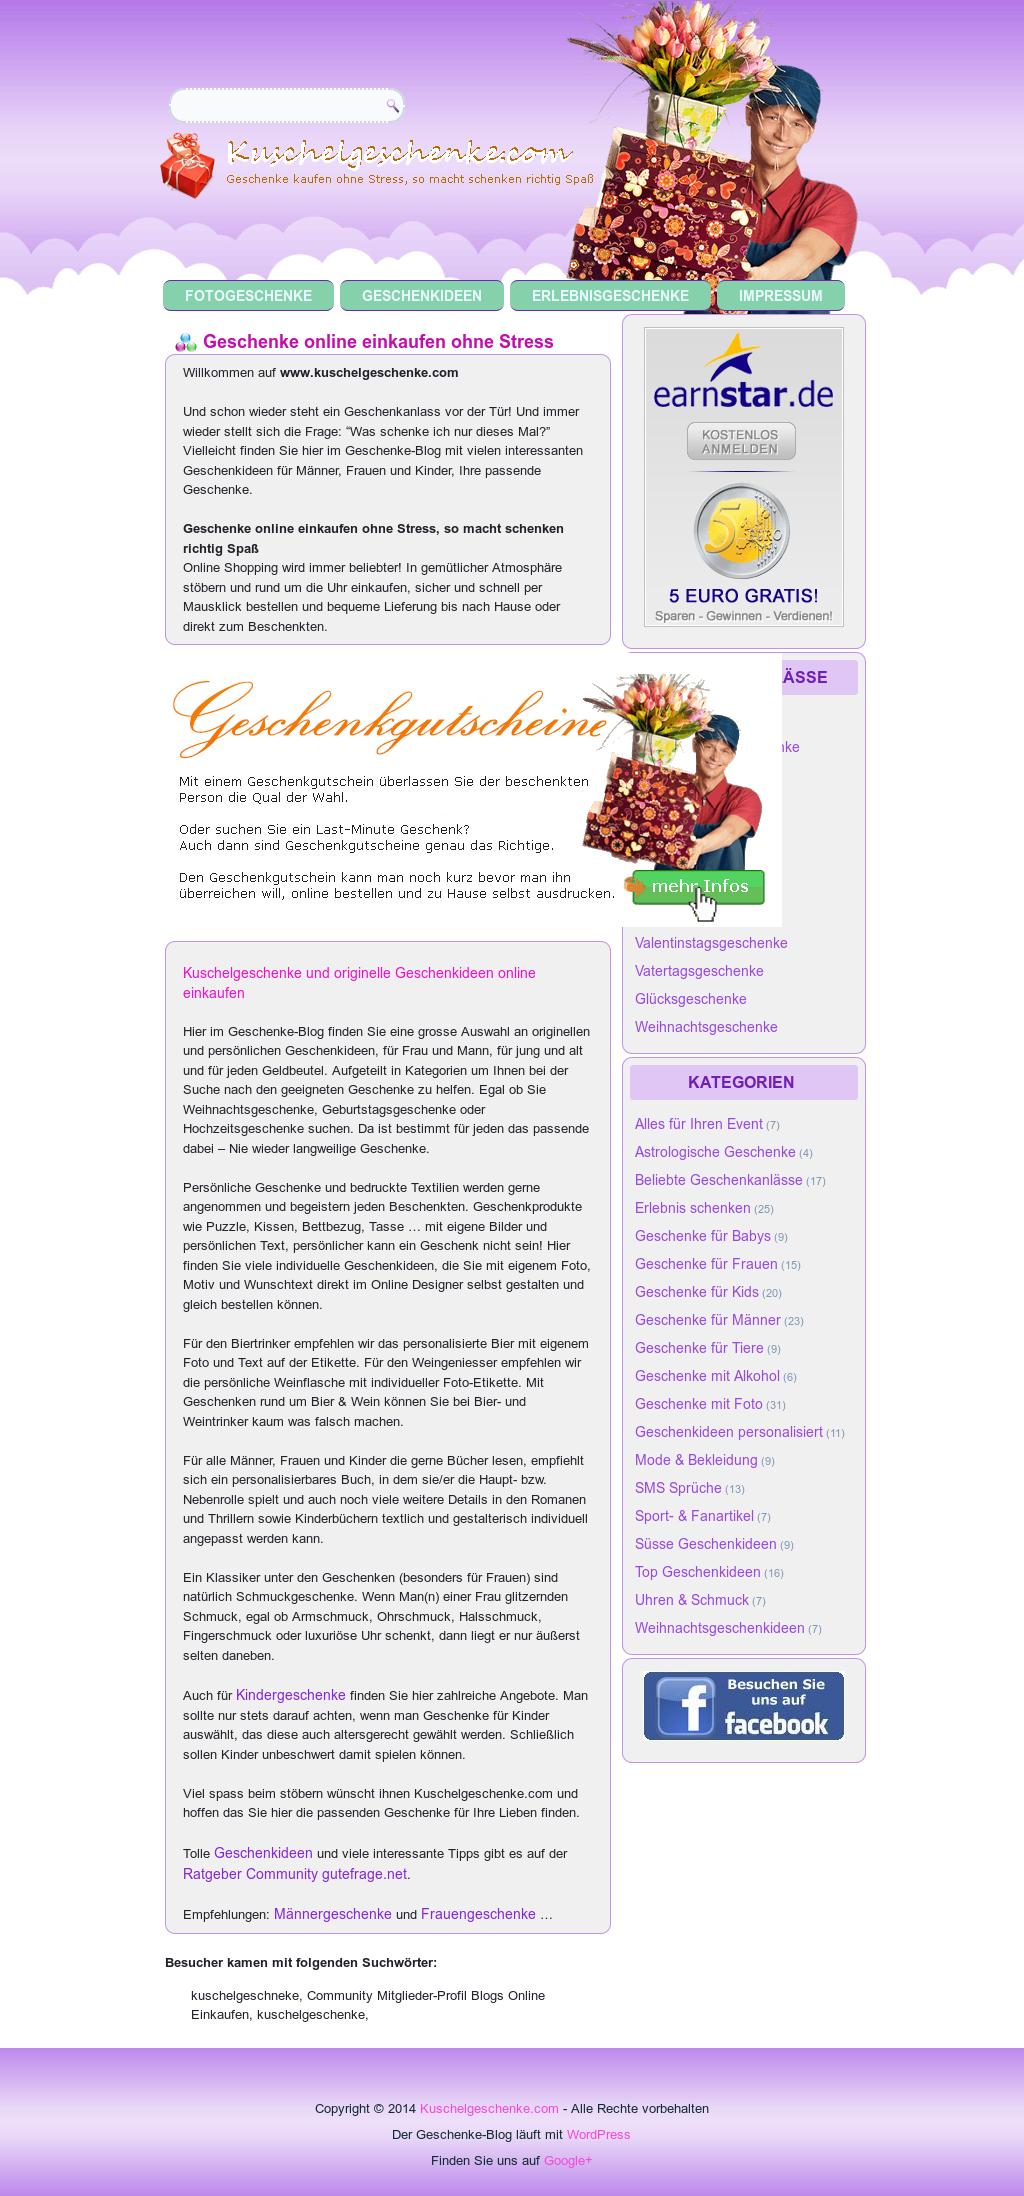 kuschelgeschenke, sicher online einkaufen's competitors